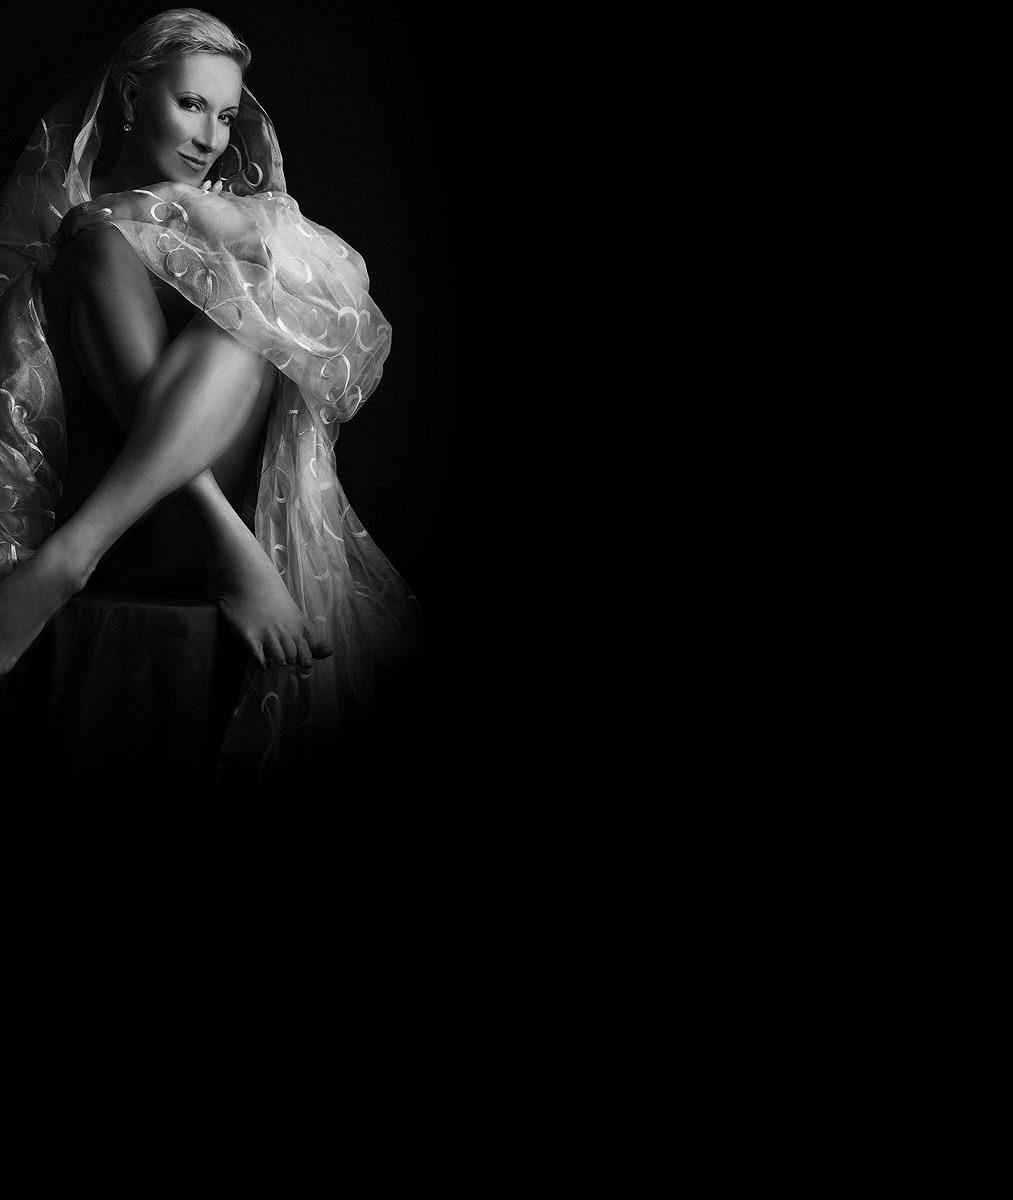 Akty, které nafotila k padesátinám, to neskončilo: Líbí se vám známá zpěvačka na lechtivých fotkách?